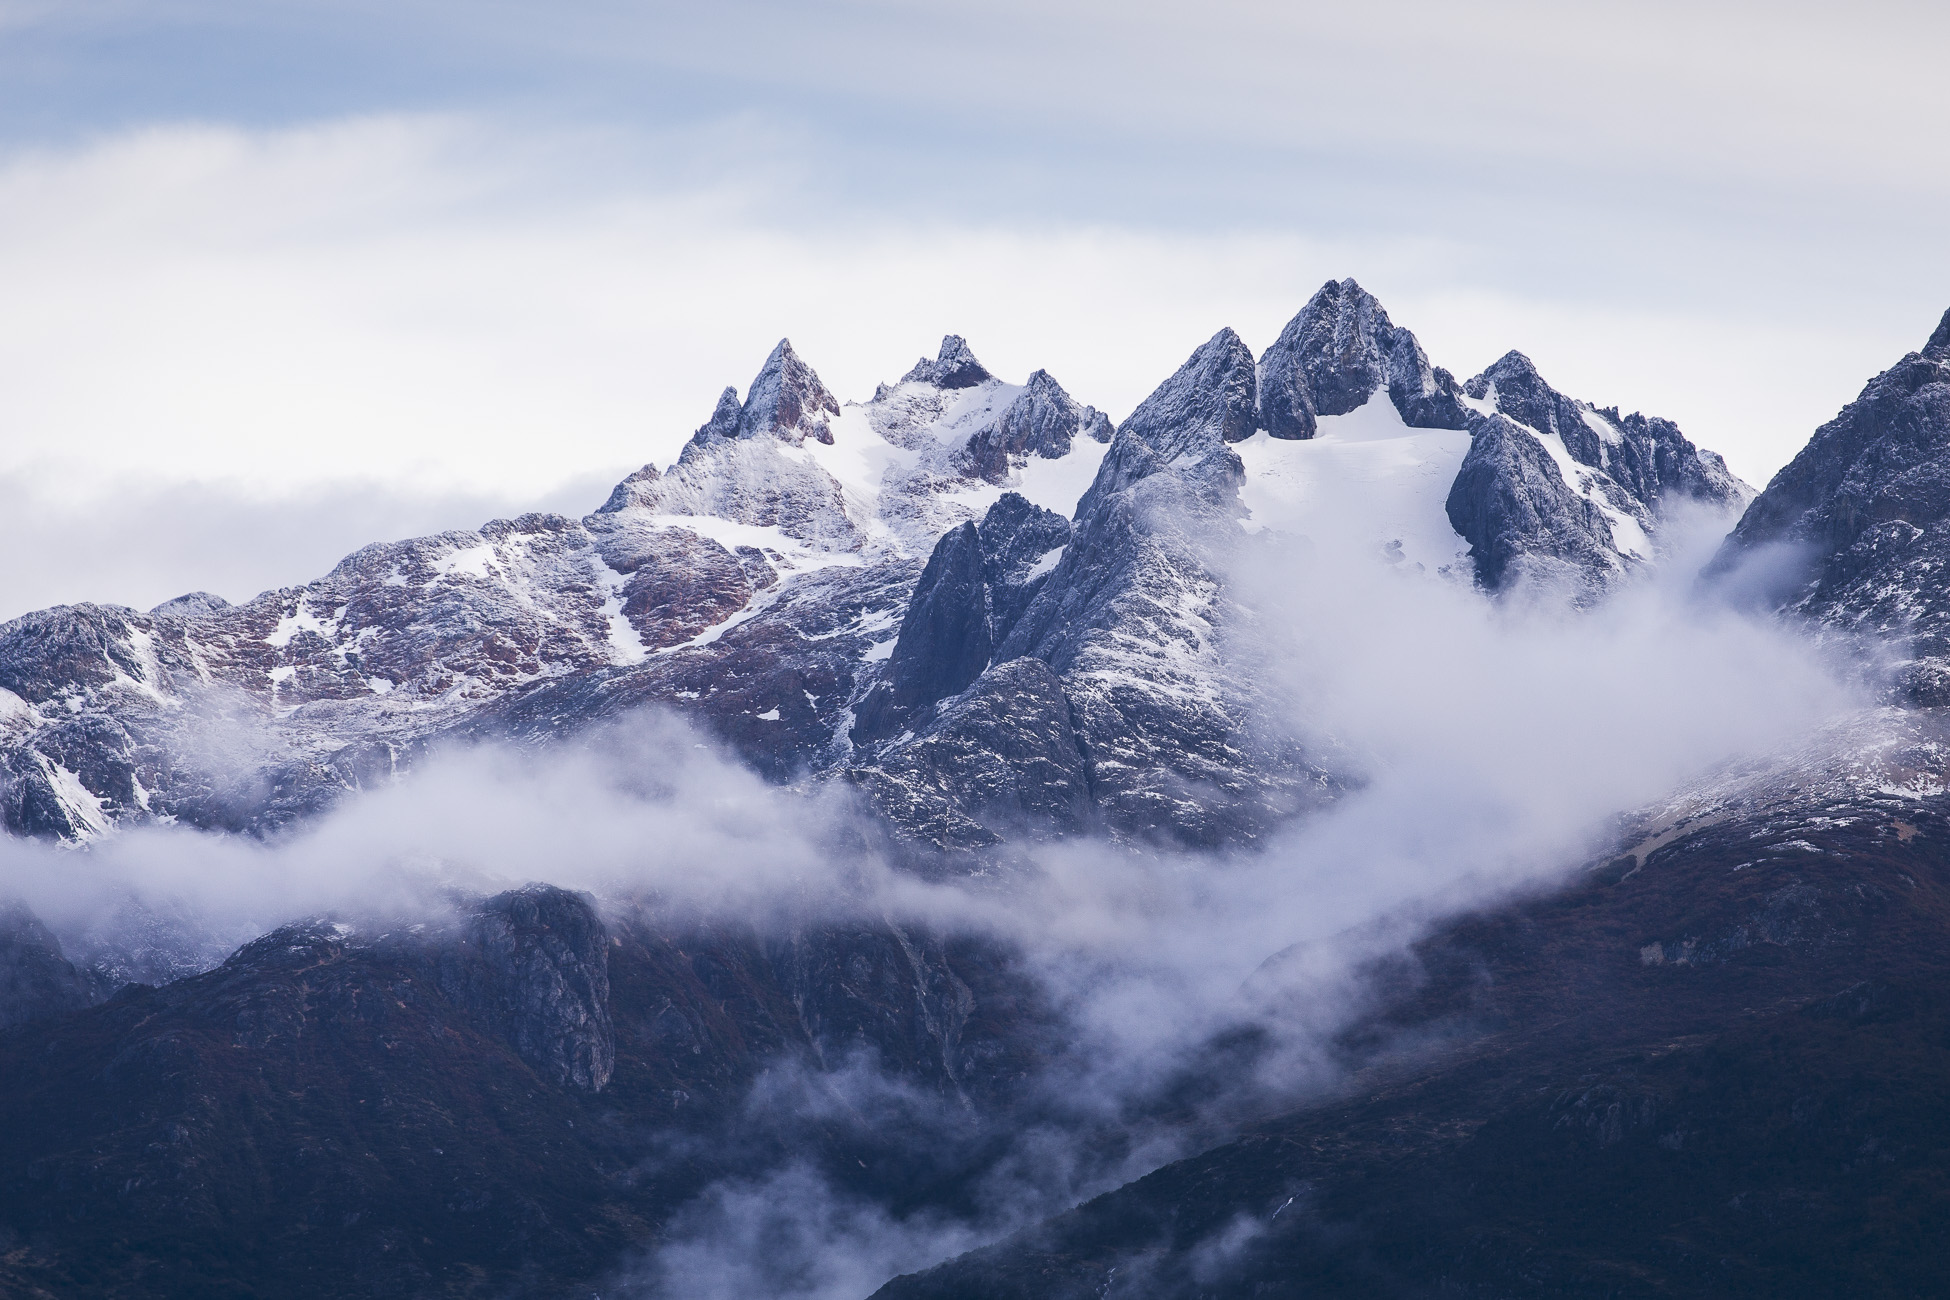 desktoglory_ushuaia-7